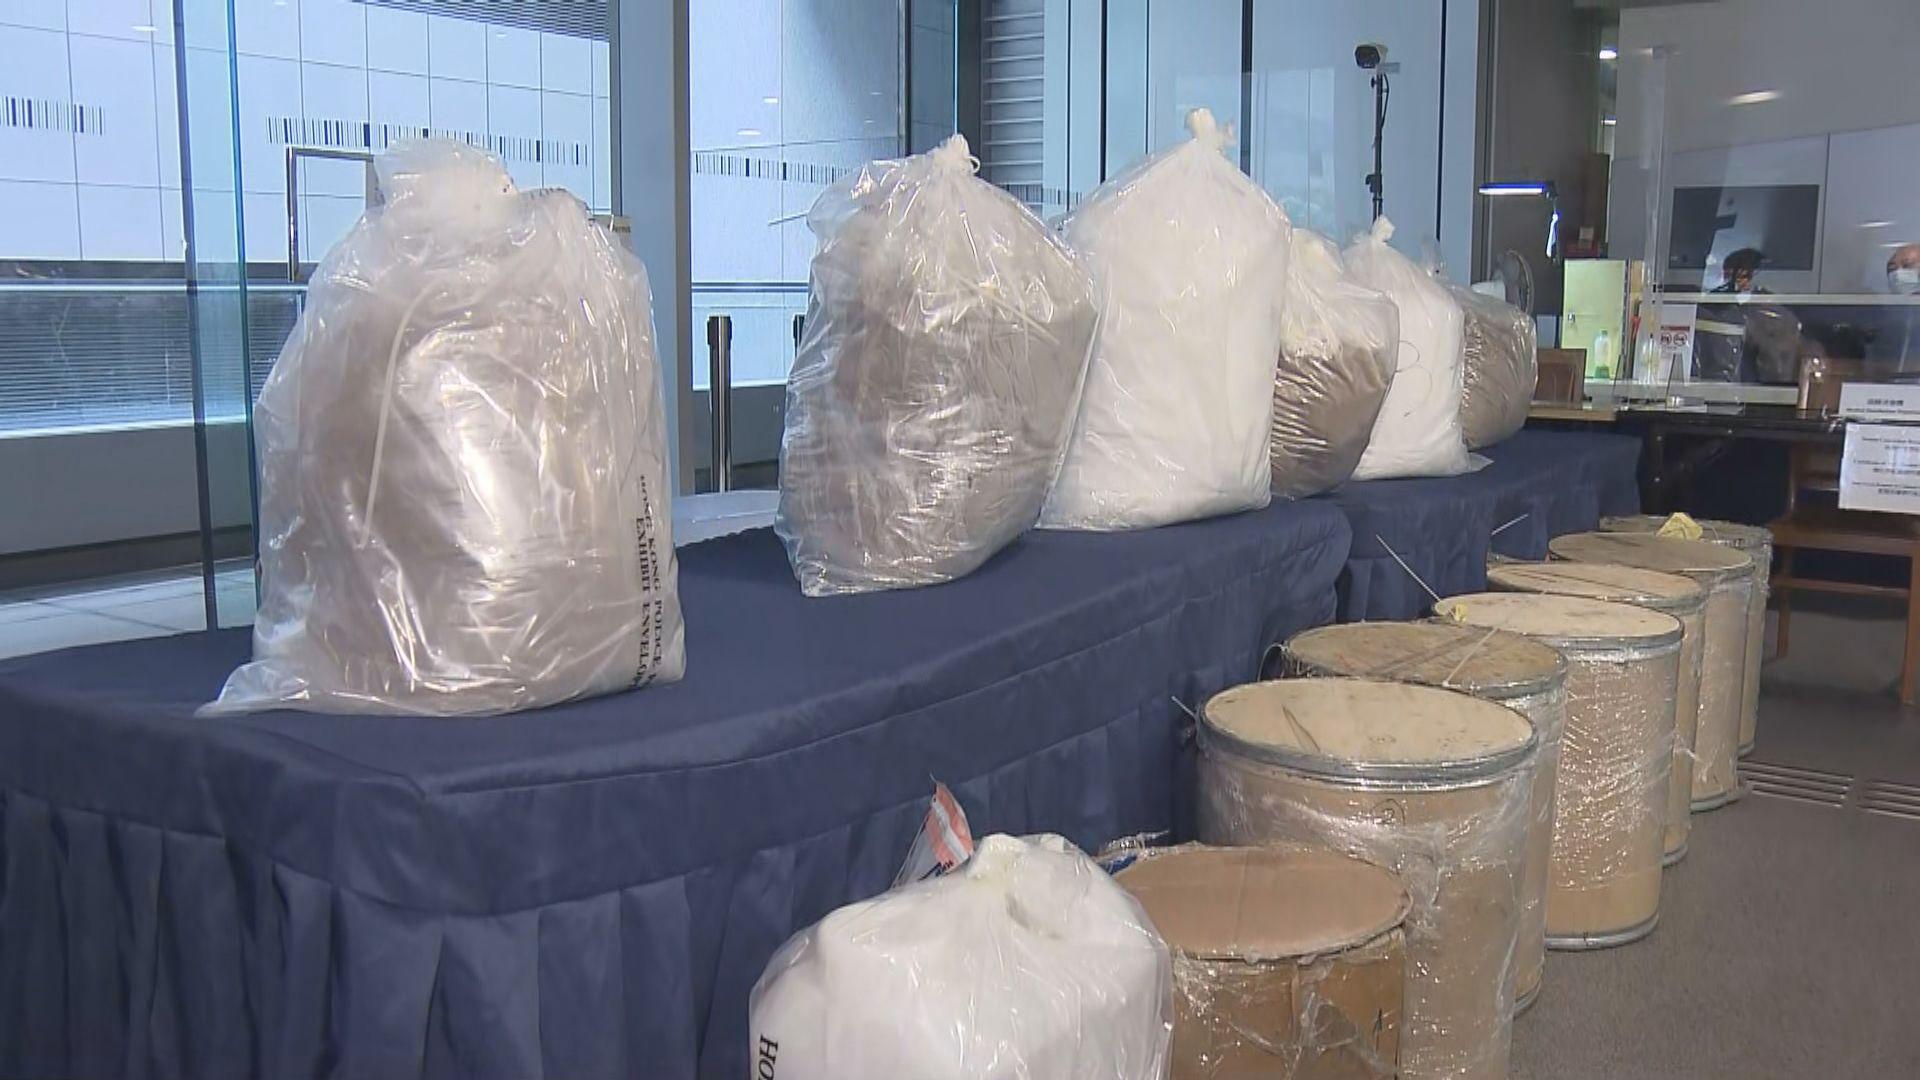 警檢含氯胺酮粉末 指毒販偽裝毒品為合法商品空運抵港